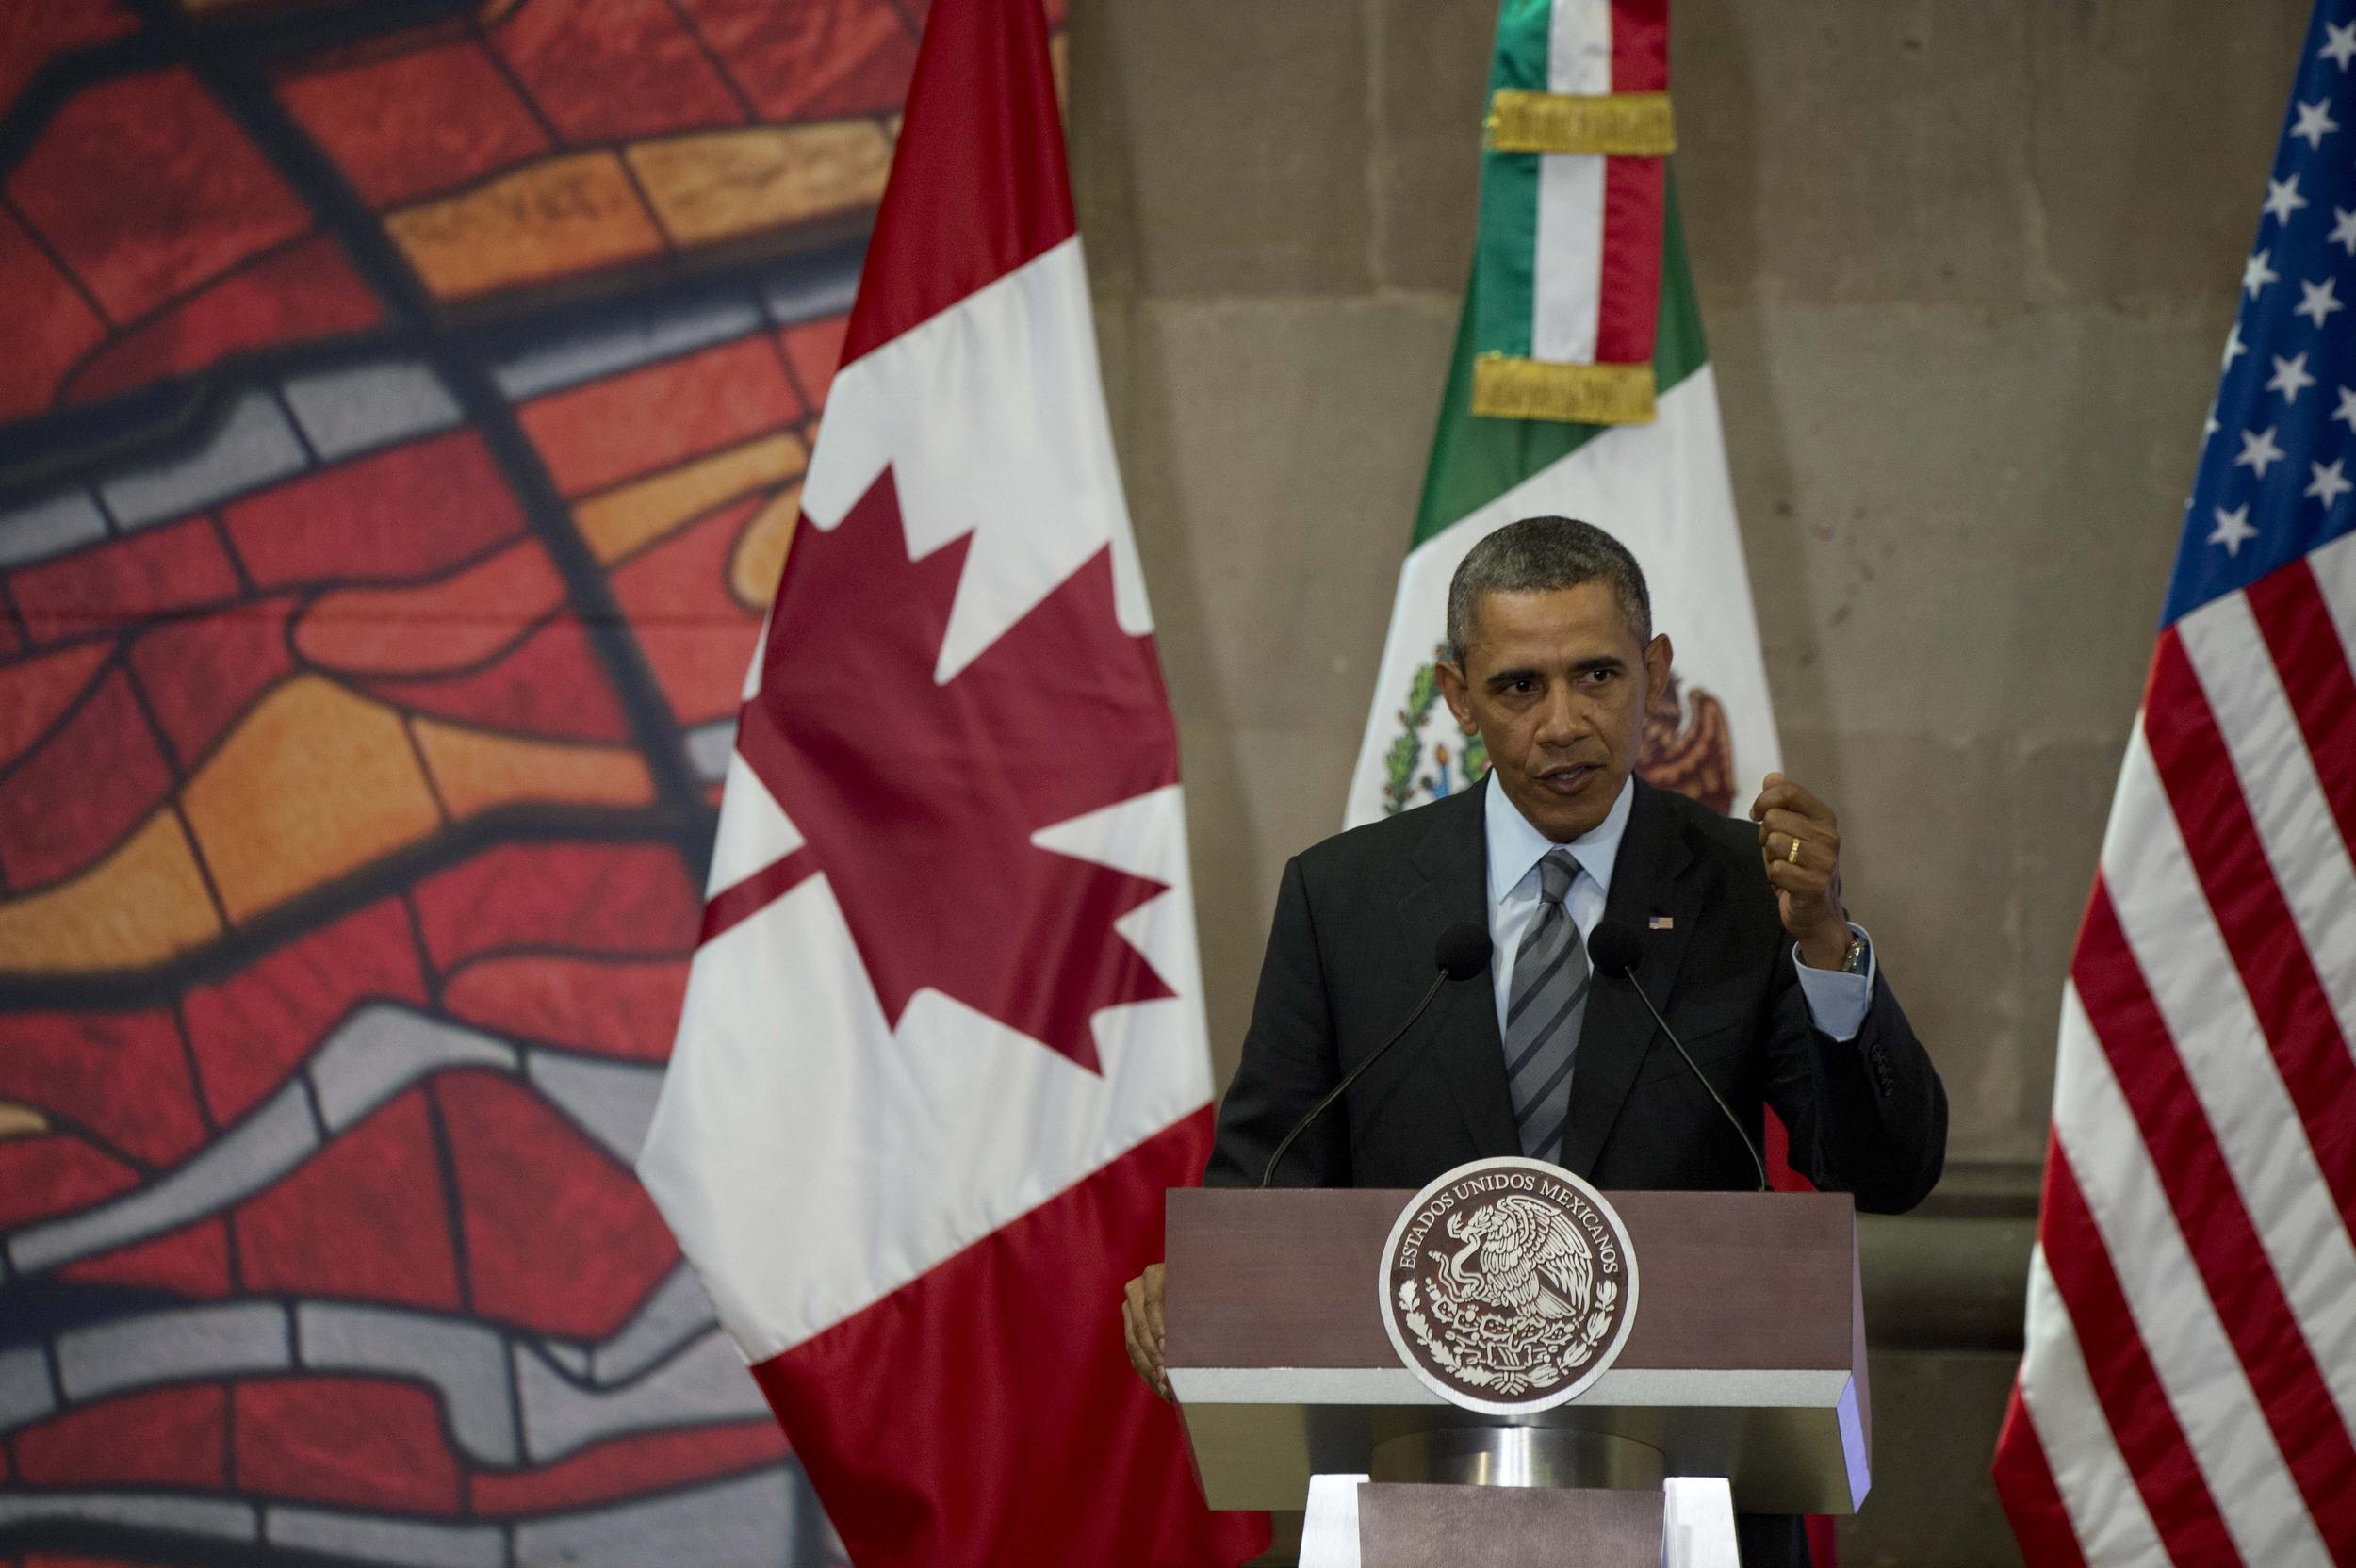 Image: MEXICO-US-CANADA-OBAMA-PENA NIETO-HARPER